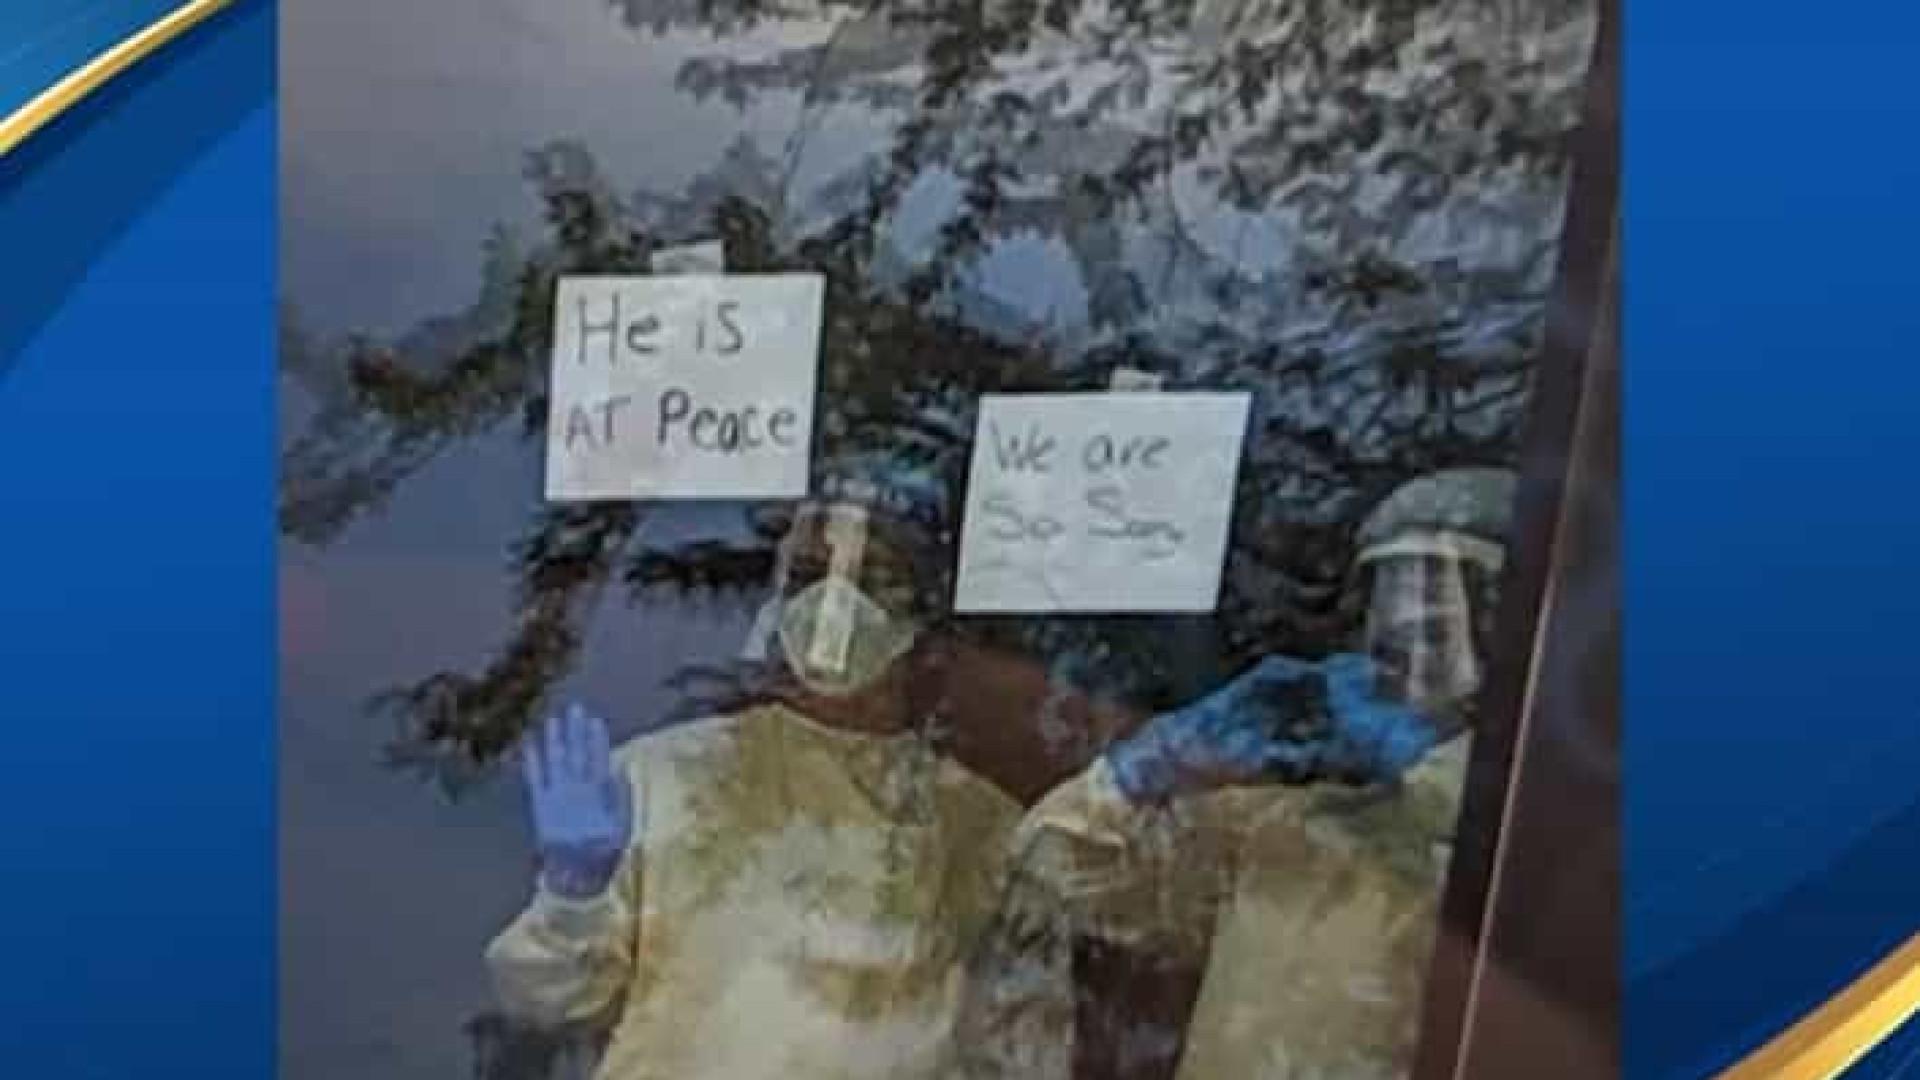 Enfermeiras avisam família que pai morreu através de mensagem à janela